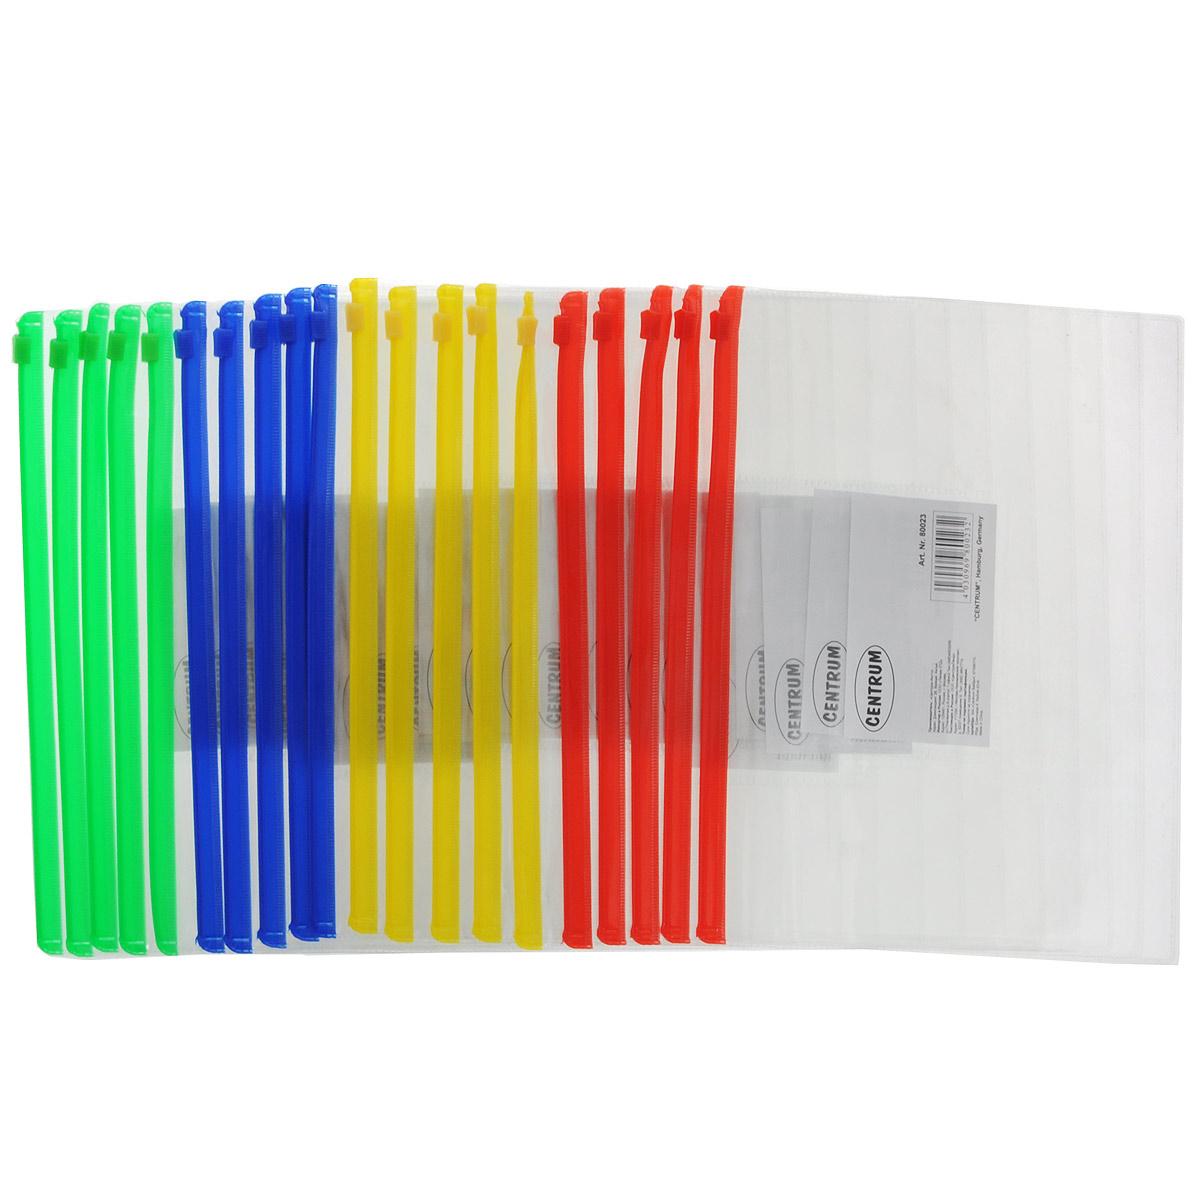 Папка-конверт на молнии Centrum, прозрачная, цвет: зеленый, красный, желтый, синий, формат А5, 20 шт80023_красн_зелен_желт_синПапка-конверт на молнии Centrum - это удобный и функциональный офисный инструмент, предназначенный для хранения и транспортировки рабочих бумаг и документов формата А5. Она изготовлена из прозрачного глянцевого пластика, имеет практичную застежку-молнию и имеет прозрачный боковой карман. В комплект входят 20 папок формата A5. Папка-конверт - это незаменимый атрибут для студента, школьника, офисного работника. Такая папка надежно сохранит ваши документы и сбережет их от повреждений, пыли и влаги.